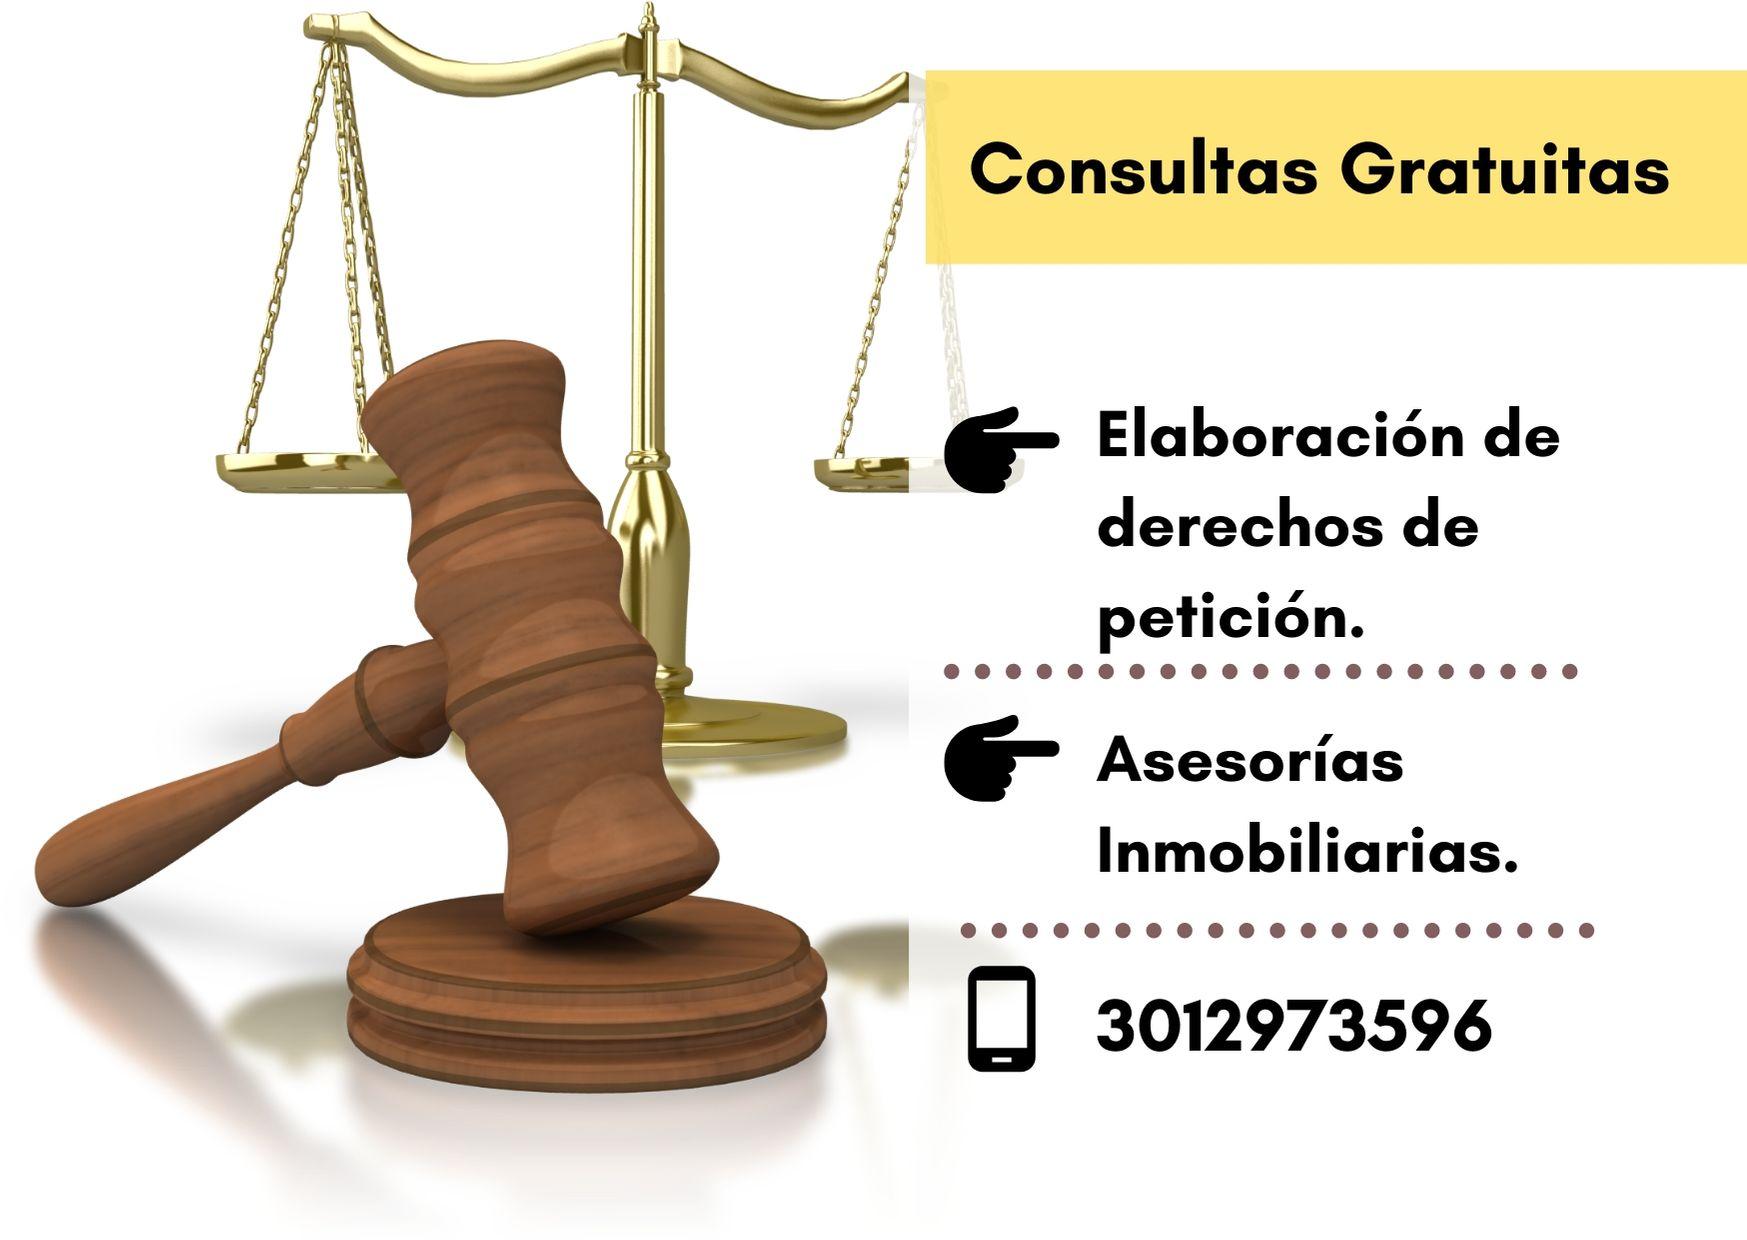 Consultas Gratuitas